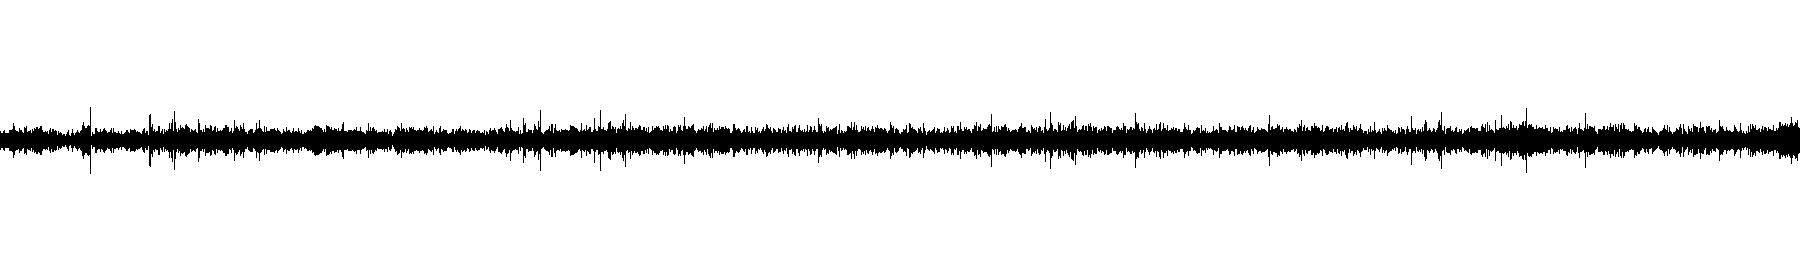 tfx texture 31